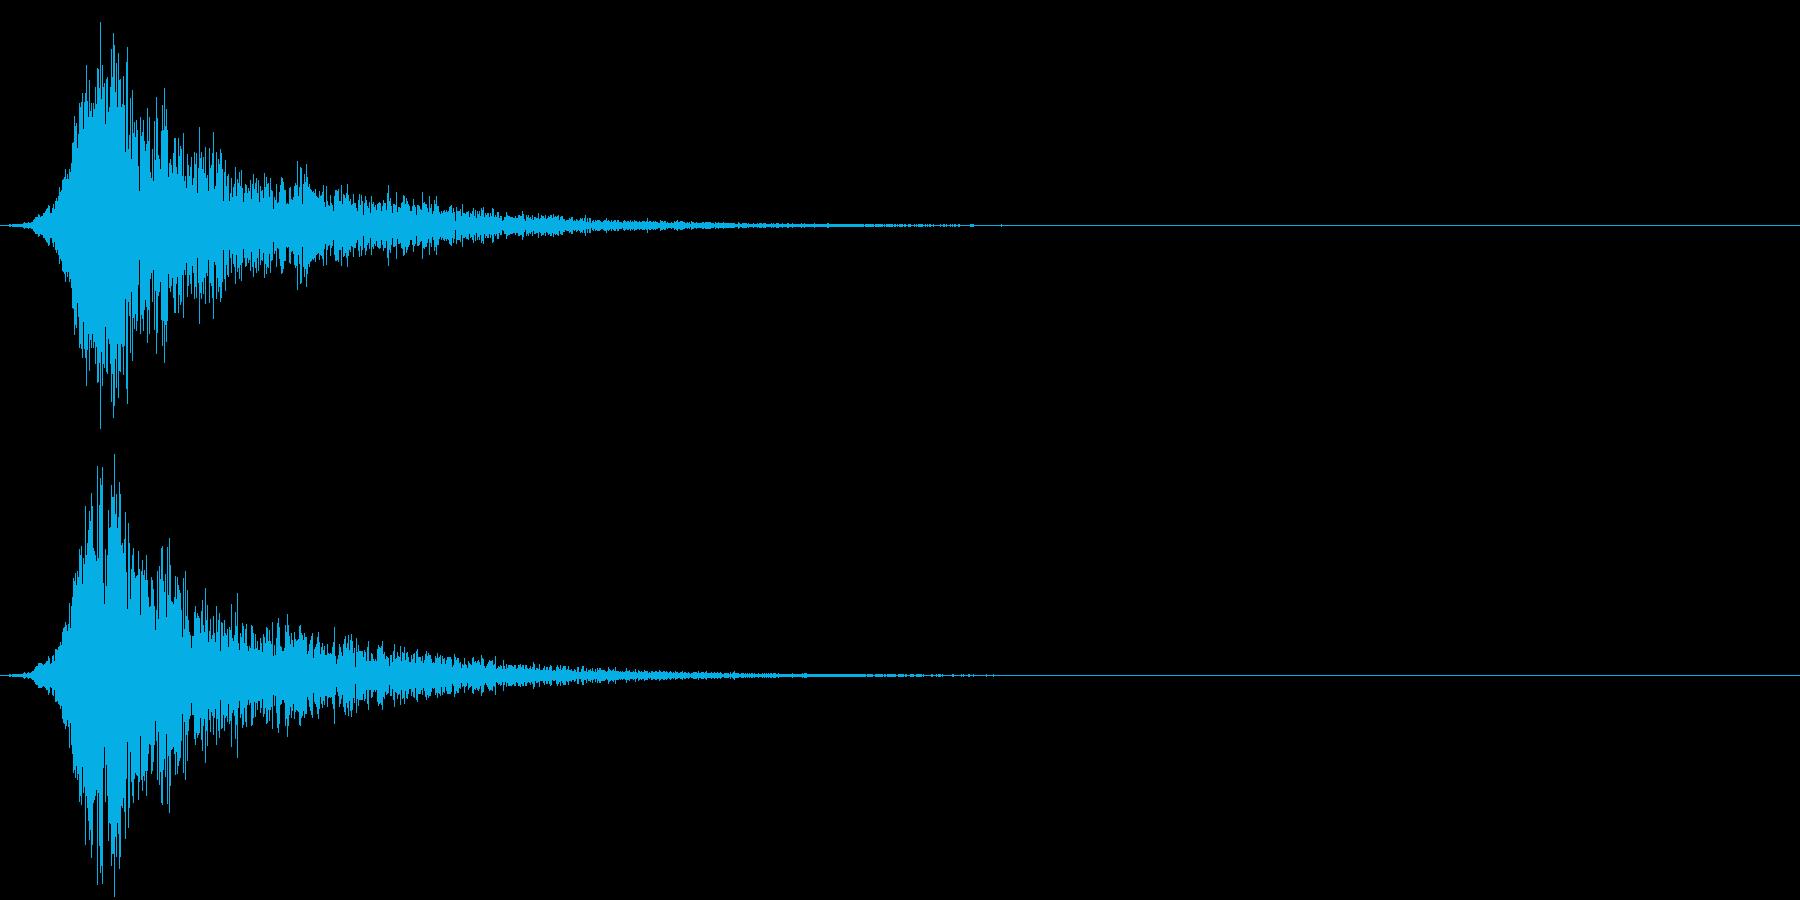 ピューン!3 リバーブの再生済みの波形